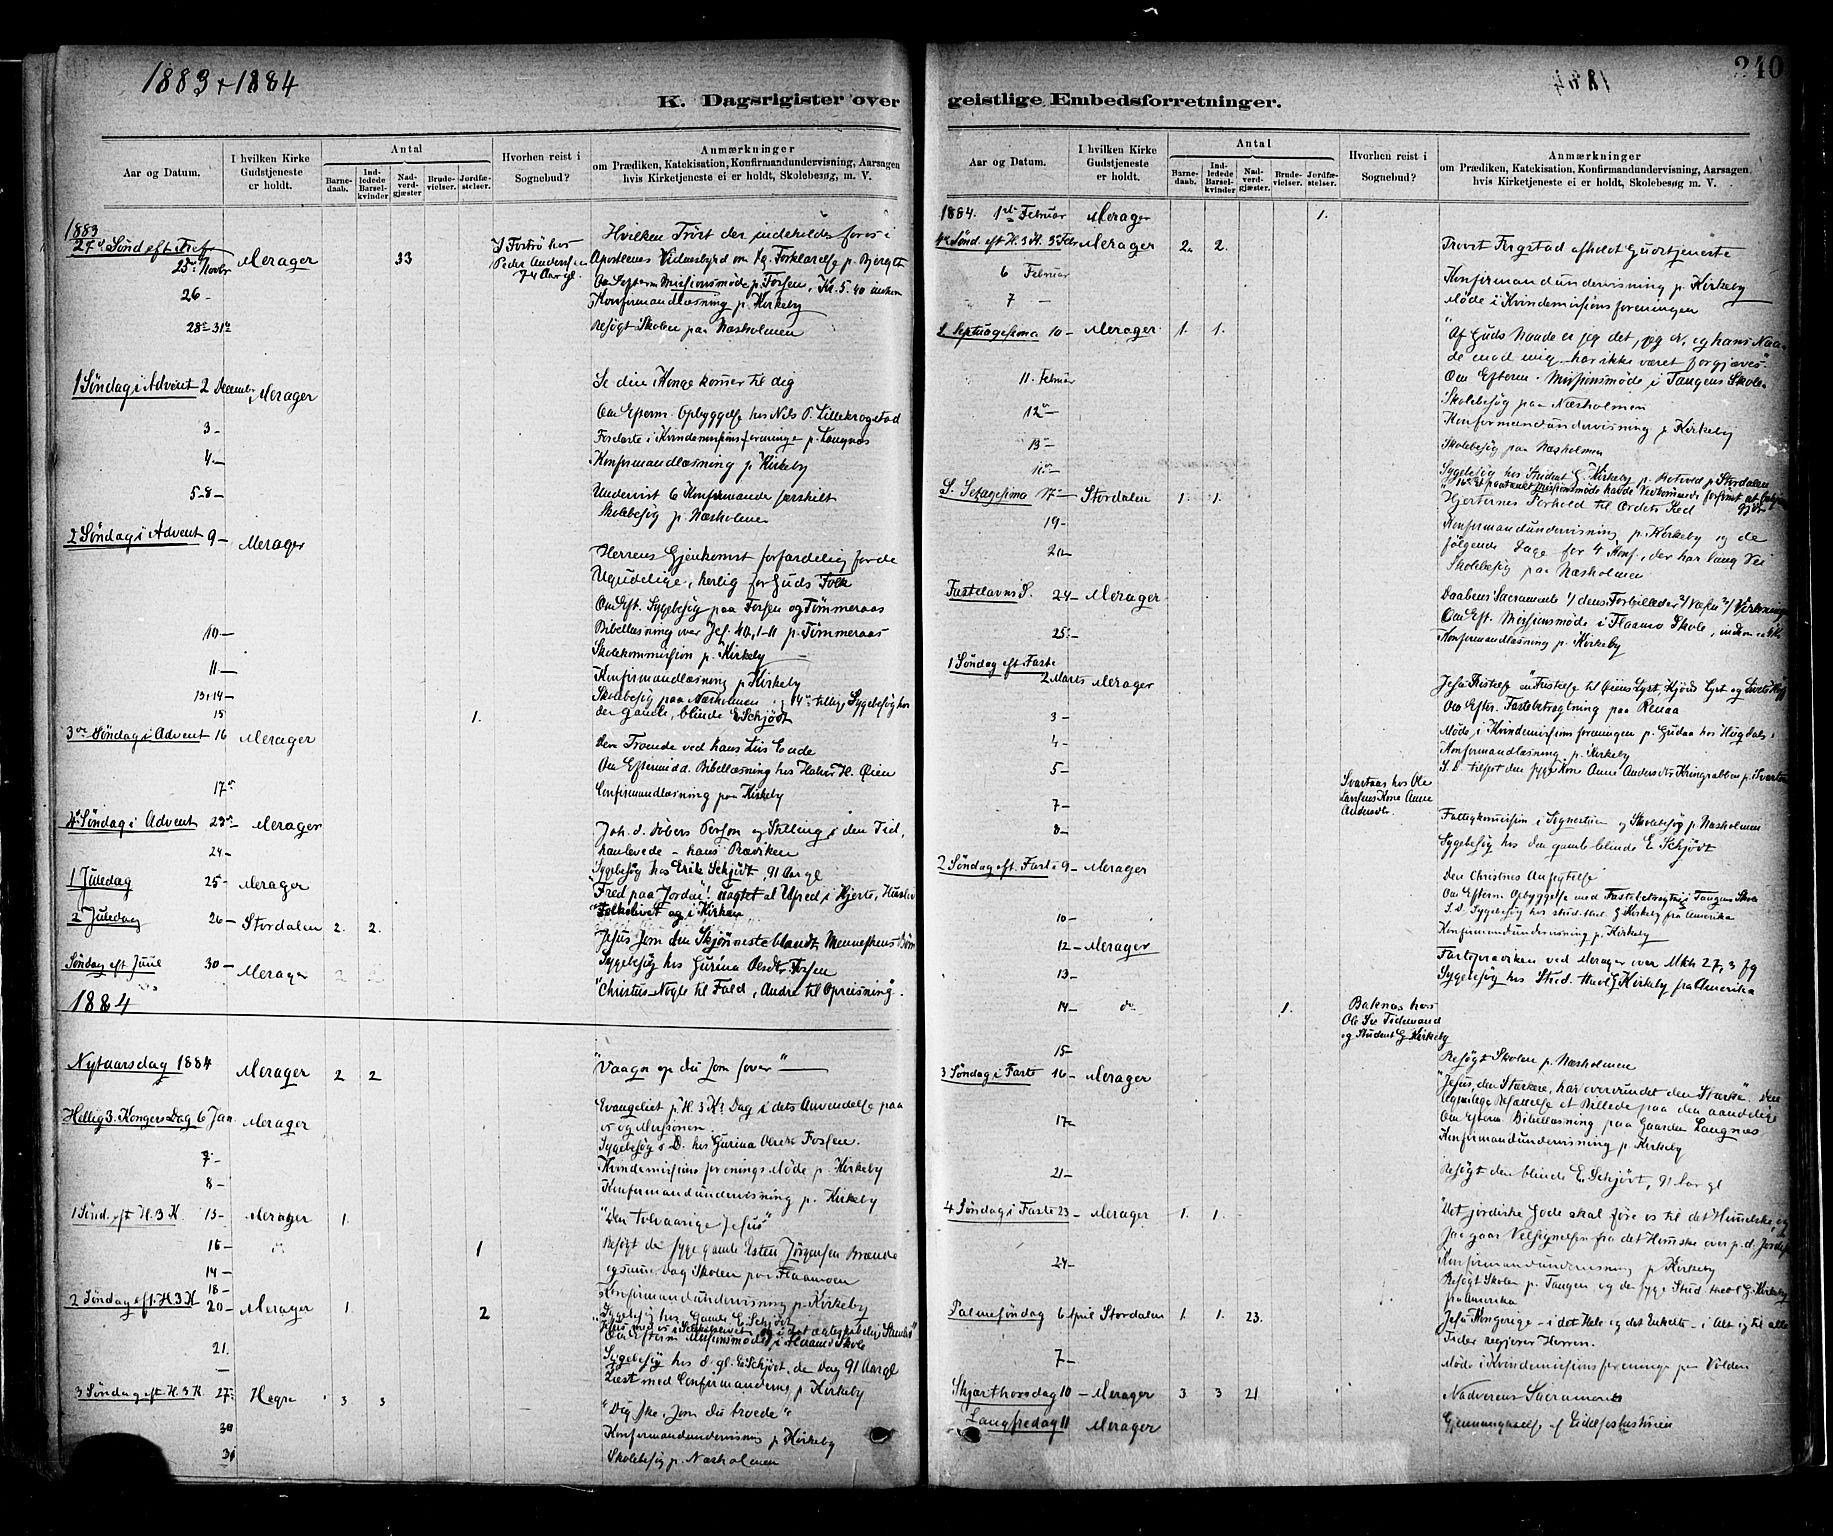 SAT, Ministerialprotokoller, klokkerbøker og fødselsregistre - Nord-Trøndelag, 706/L0047: Ministerialbok nr. 706A03, 1878-1892, s. 240